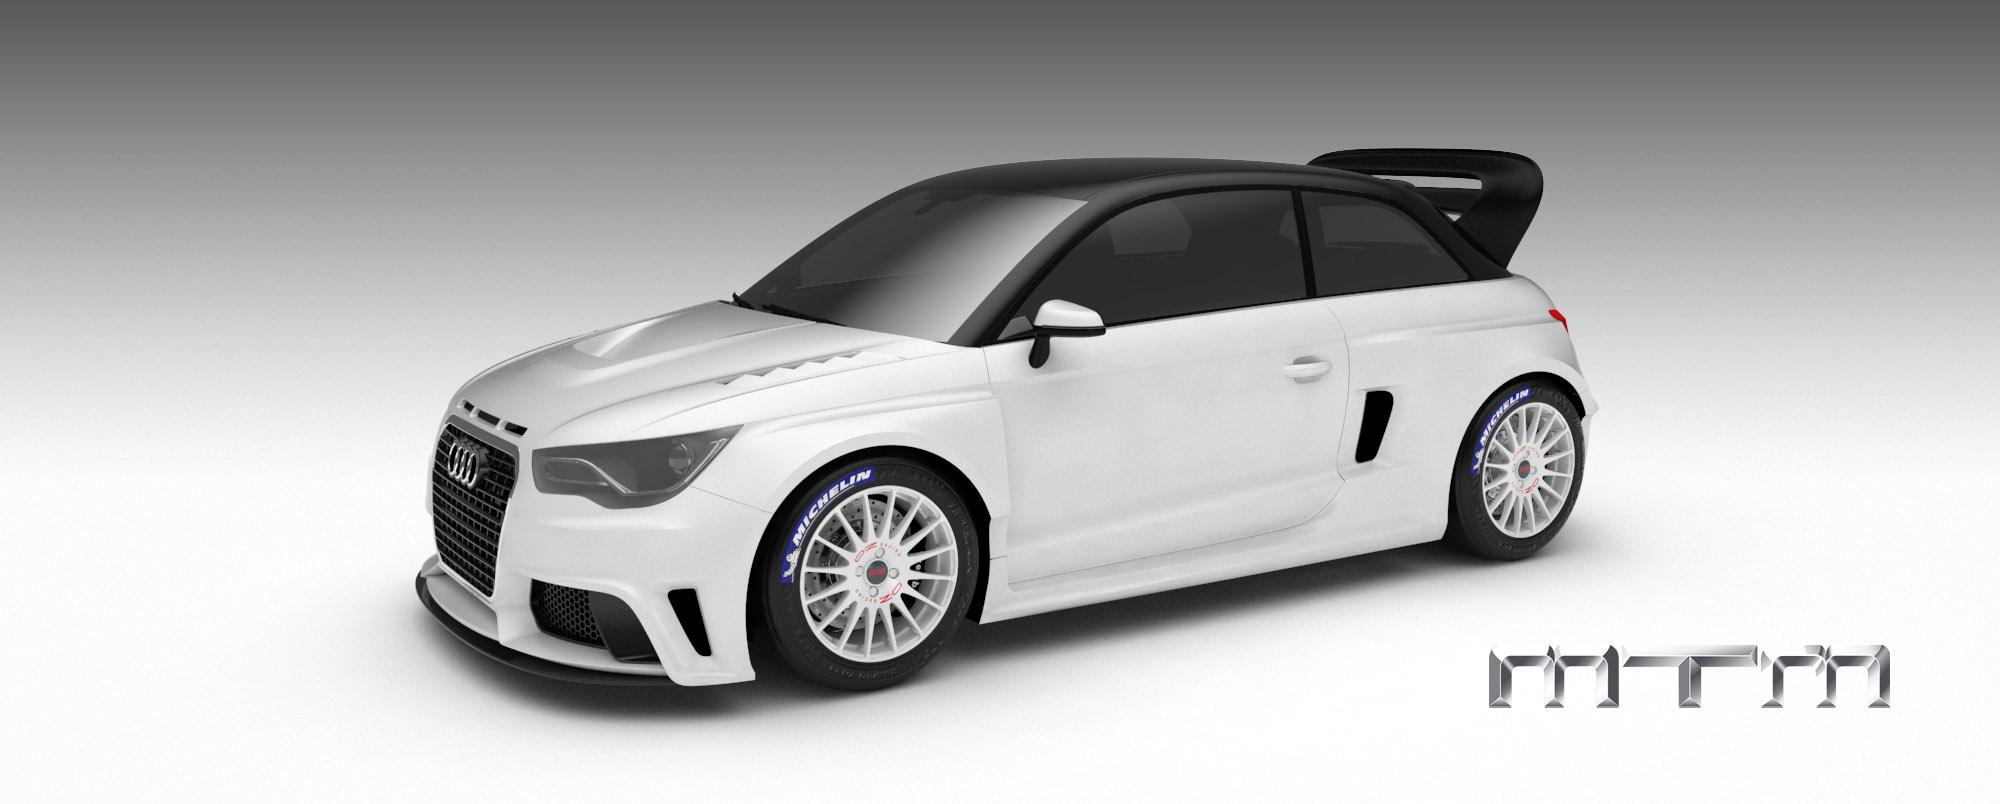 MTM Audi A1 quattro nardo edition - фотография №2